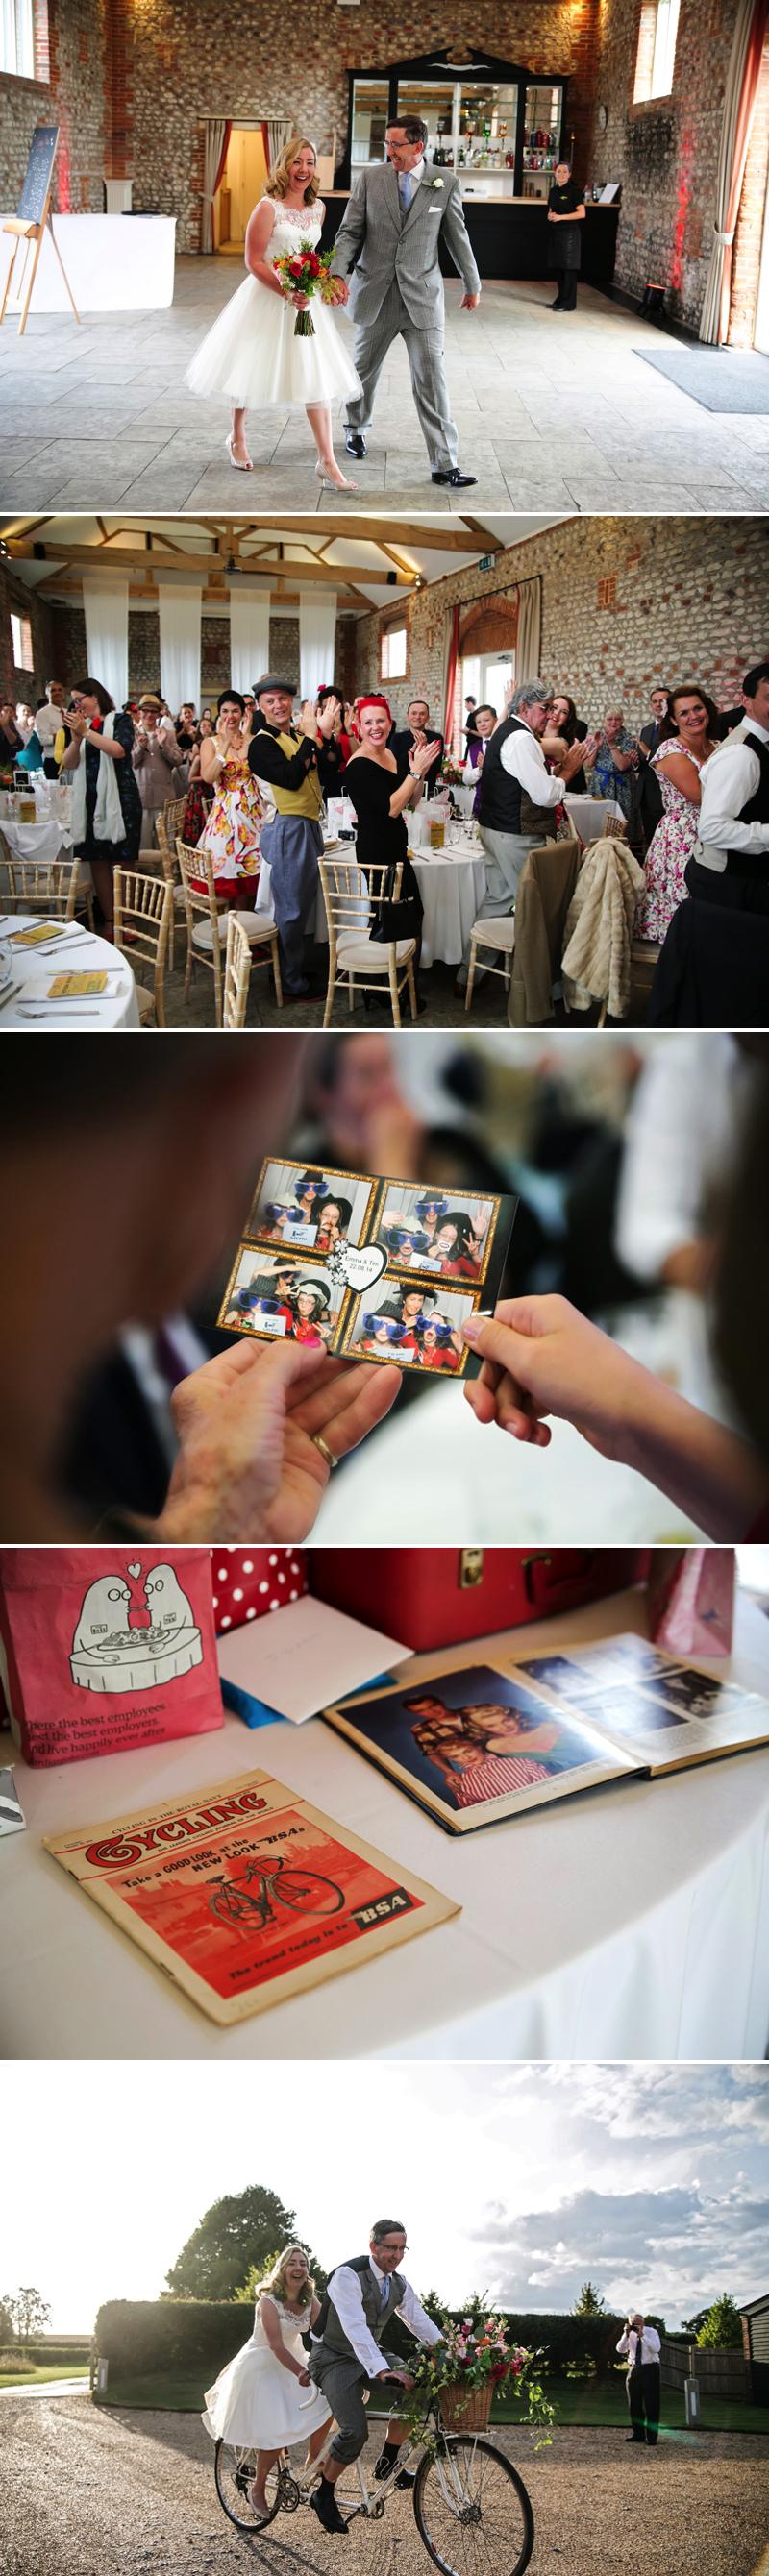 vintage-wedding-in-west-sussex-farbridge-barns-004